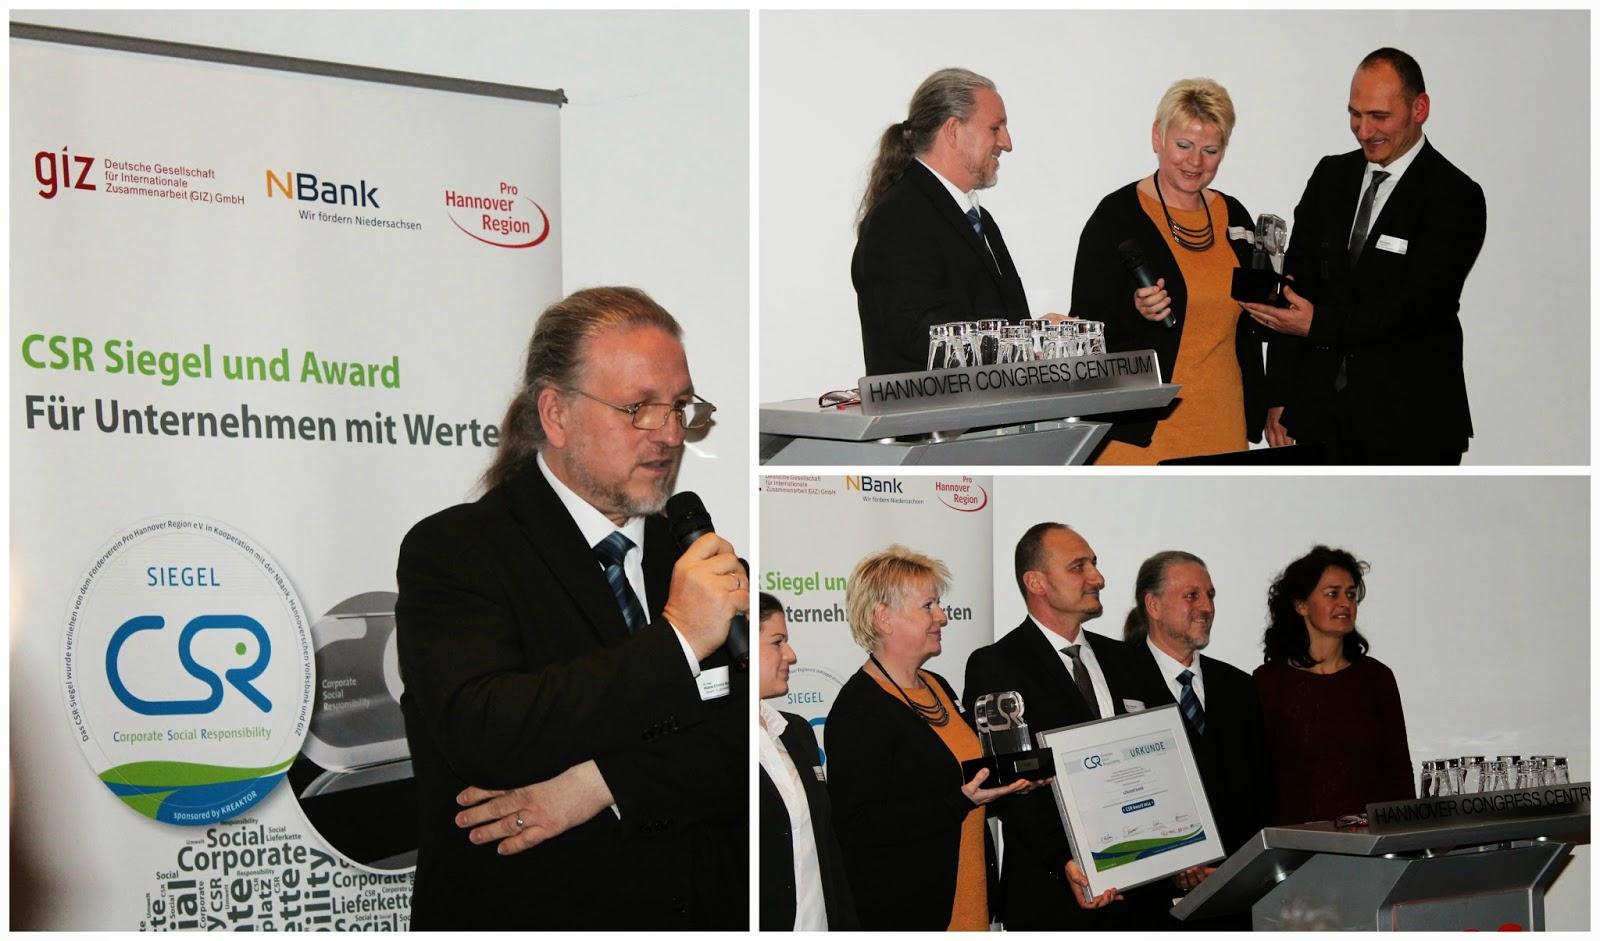 CSR Award lillestoff Unternehmerische Verantwortung